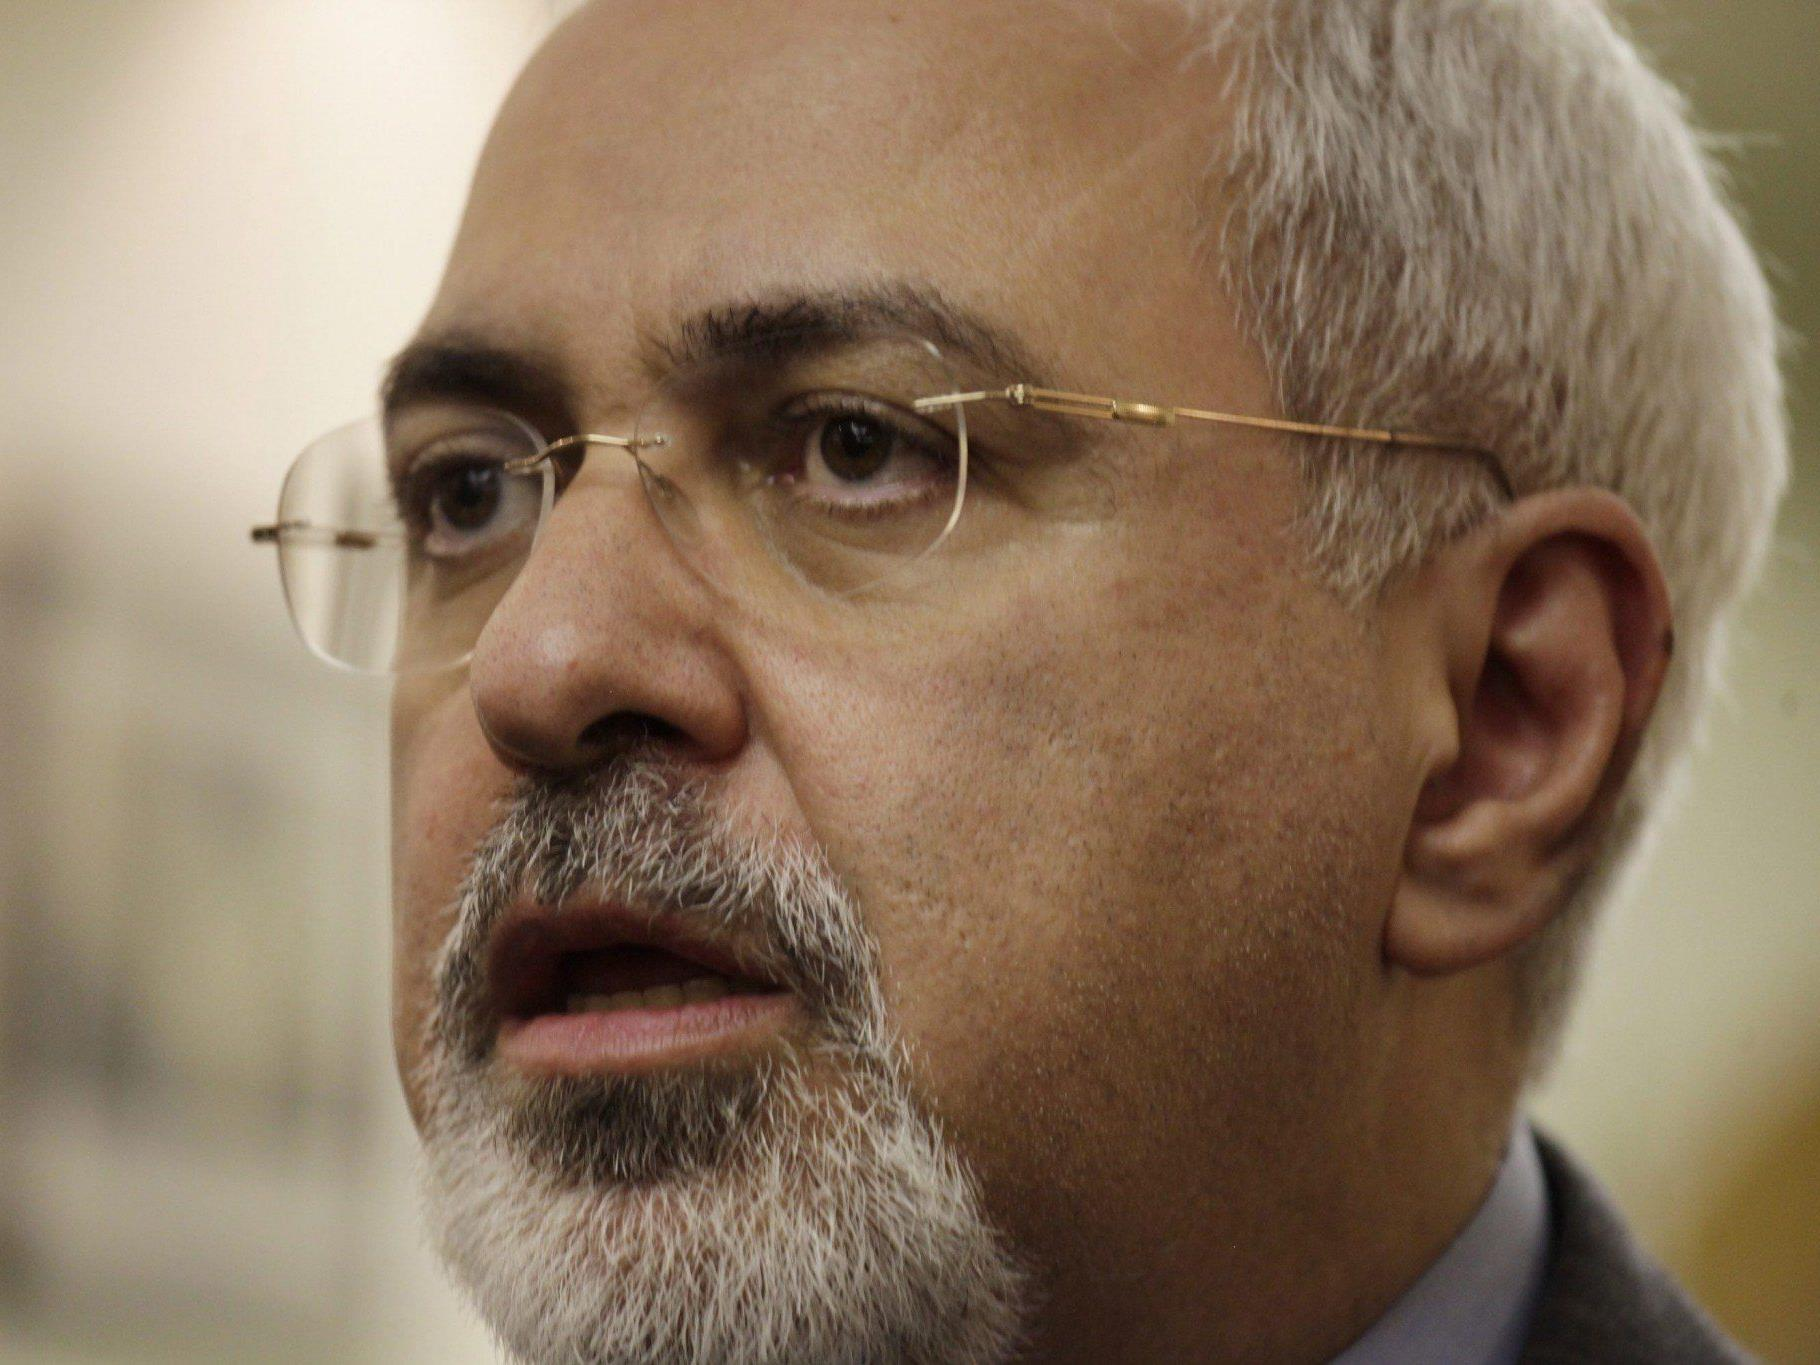 Jawad Zarif verurteilte Massenvernichtung der Juden im Zweiten Weltkrieg.